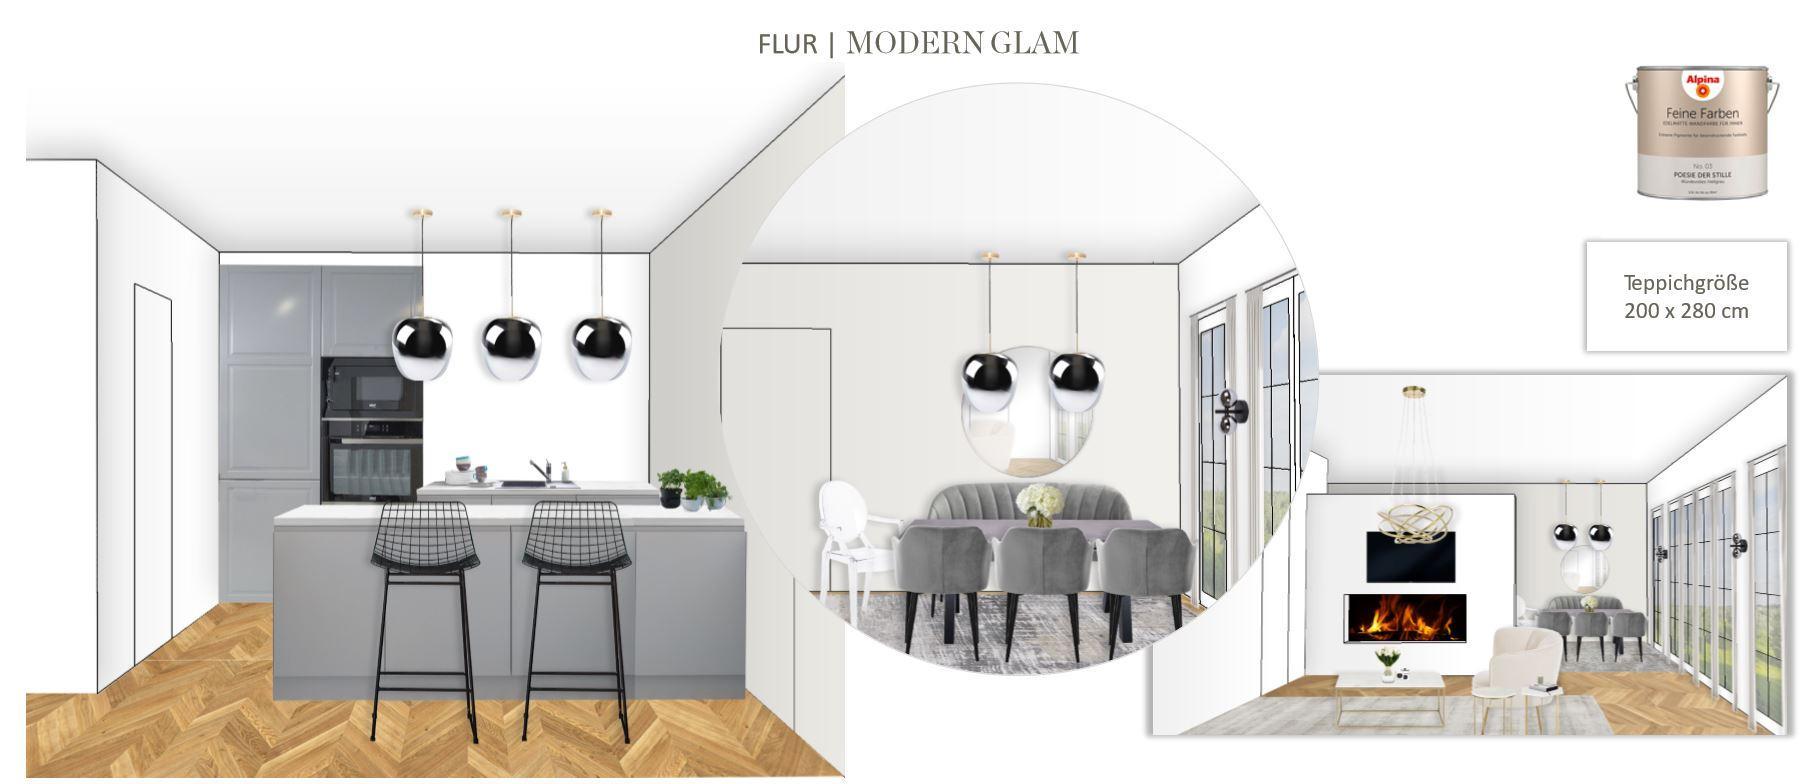 Grosses Wohn Esszimmer einrichten Entwurf Essbereich Modern Glam